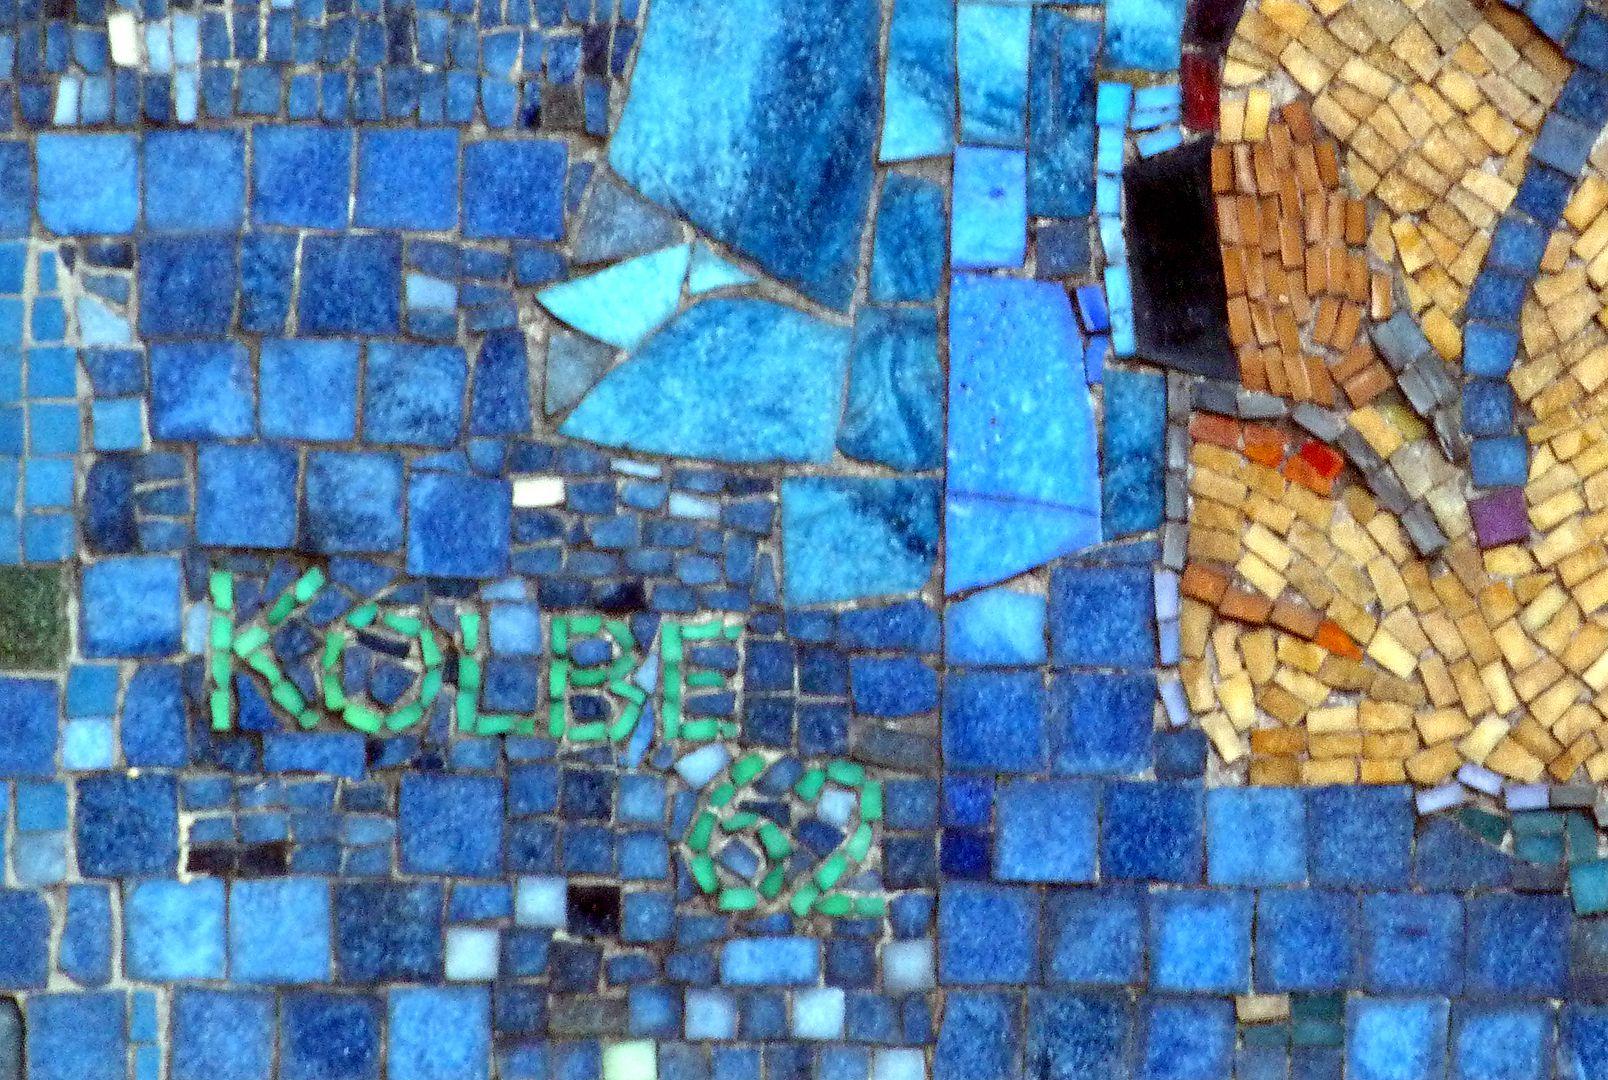 Mosaik am Hauptmarkt in Nürnberg Künstlersigantur und Datierung